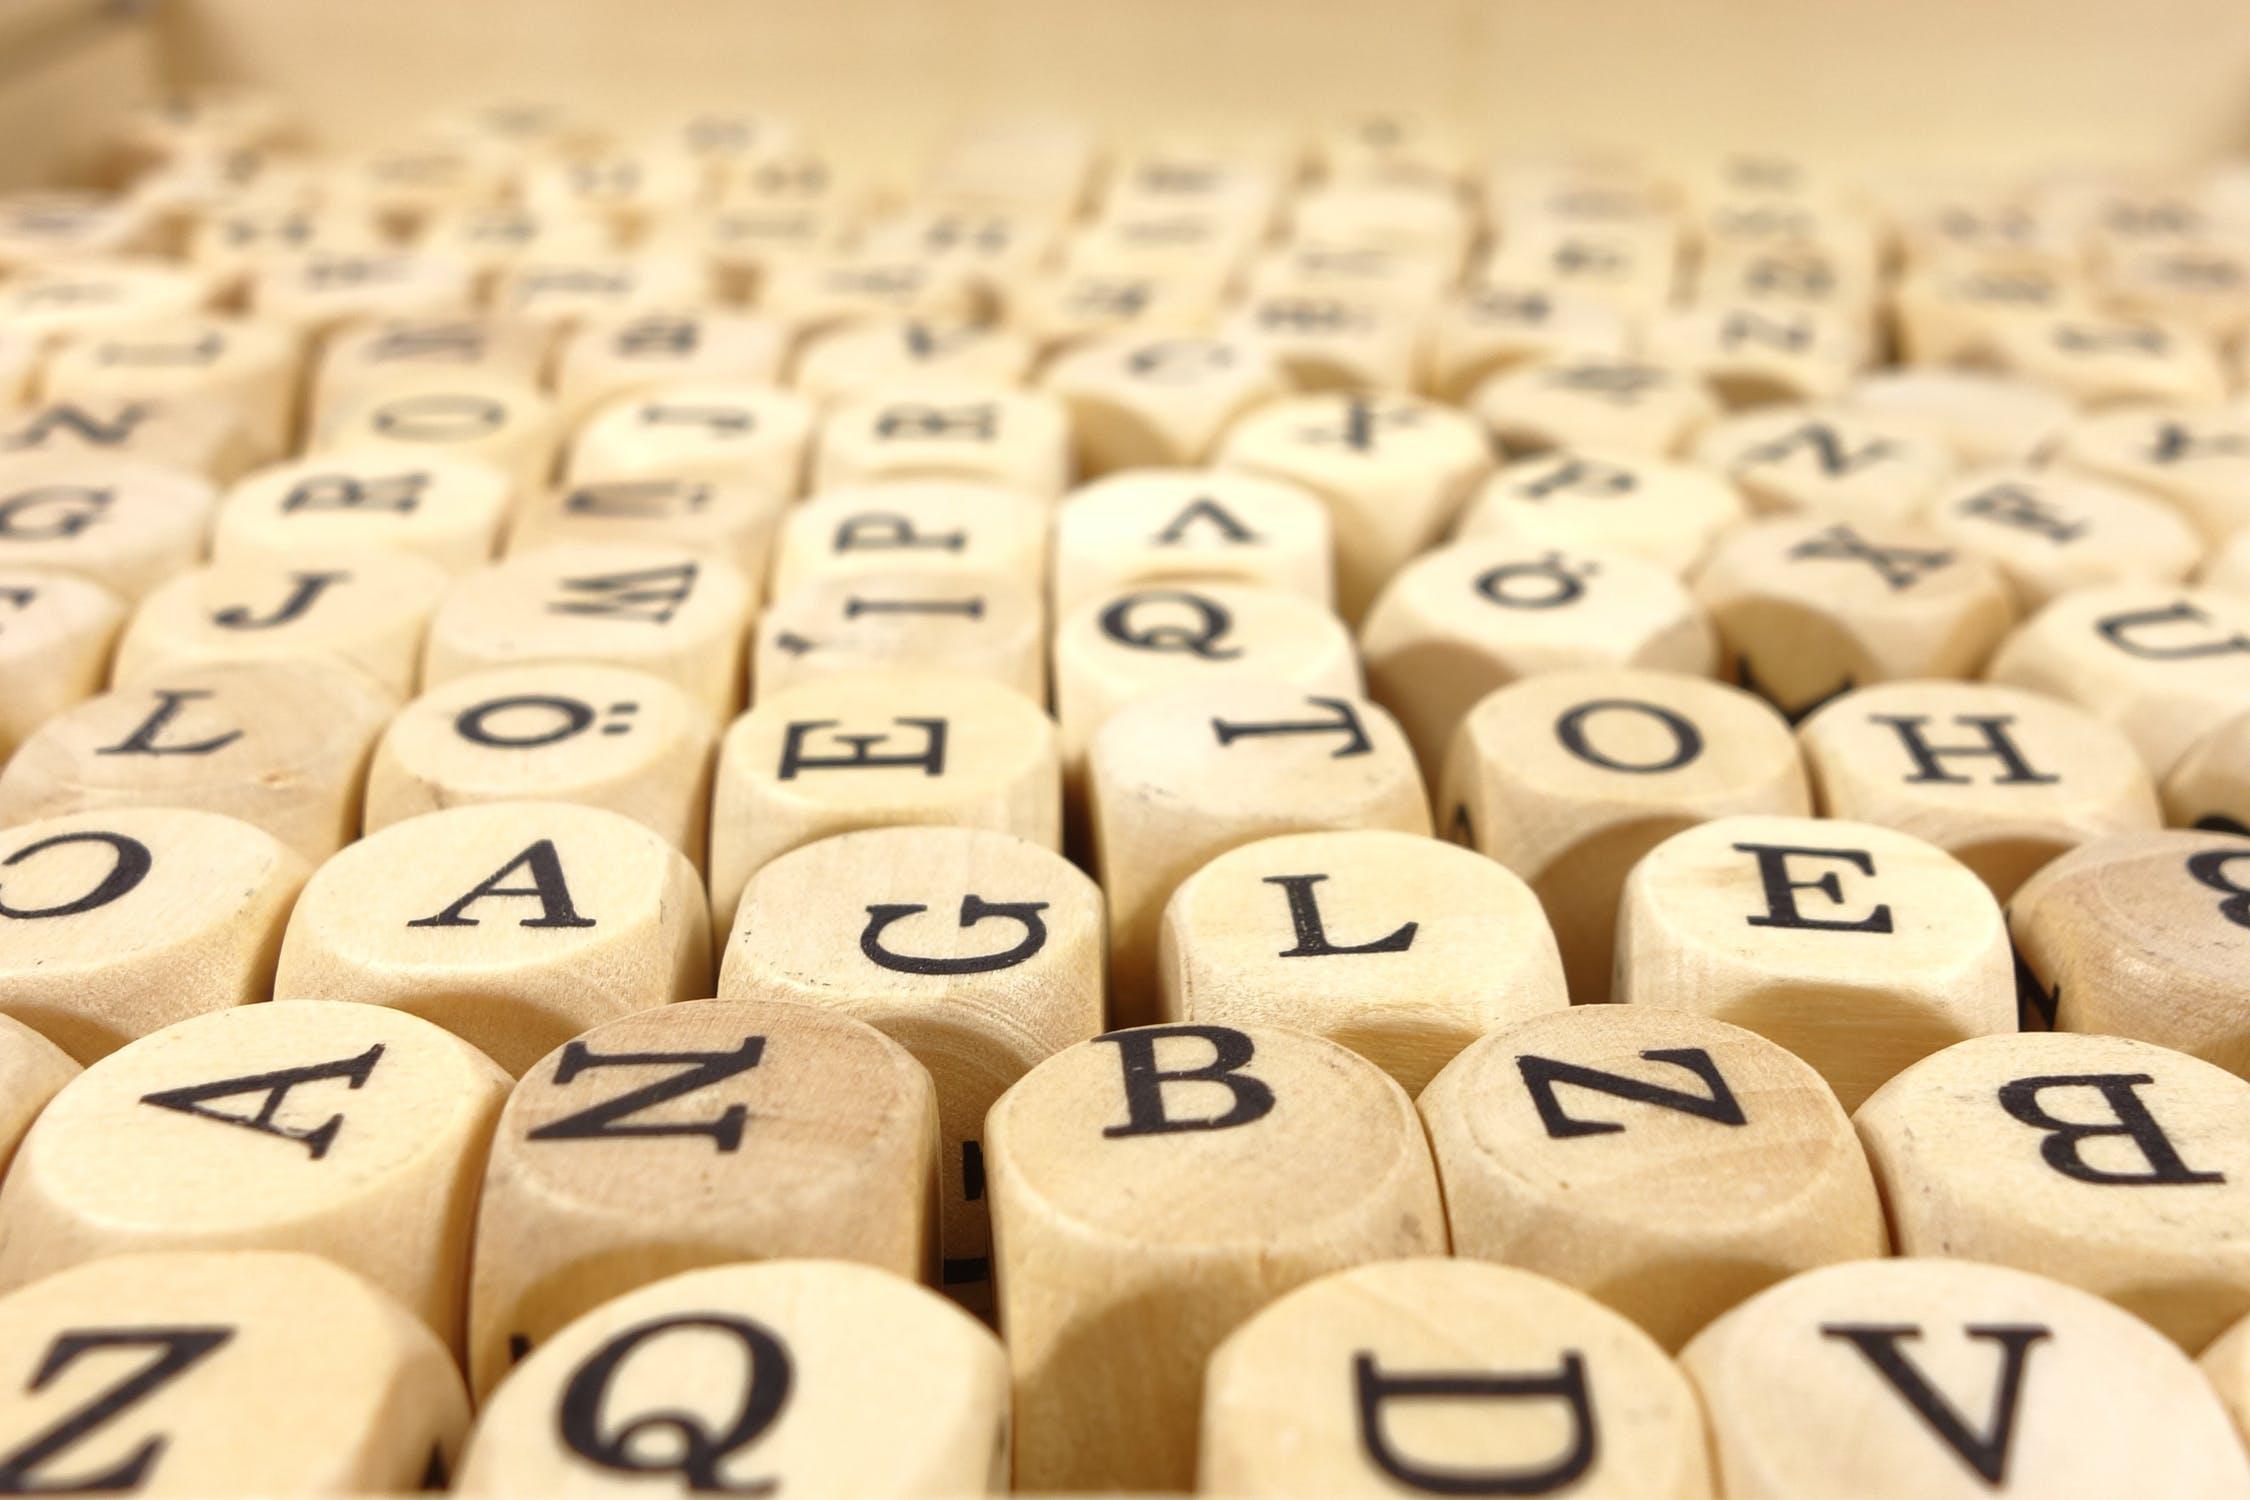 קורס אנגלית מדוברת למתחילים